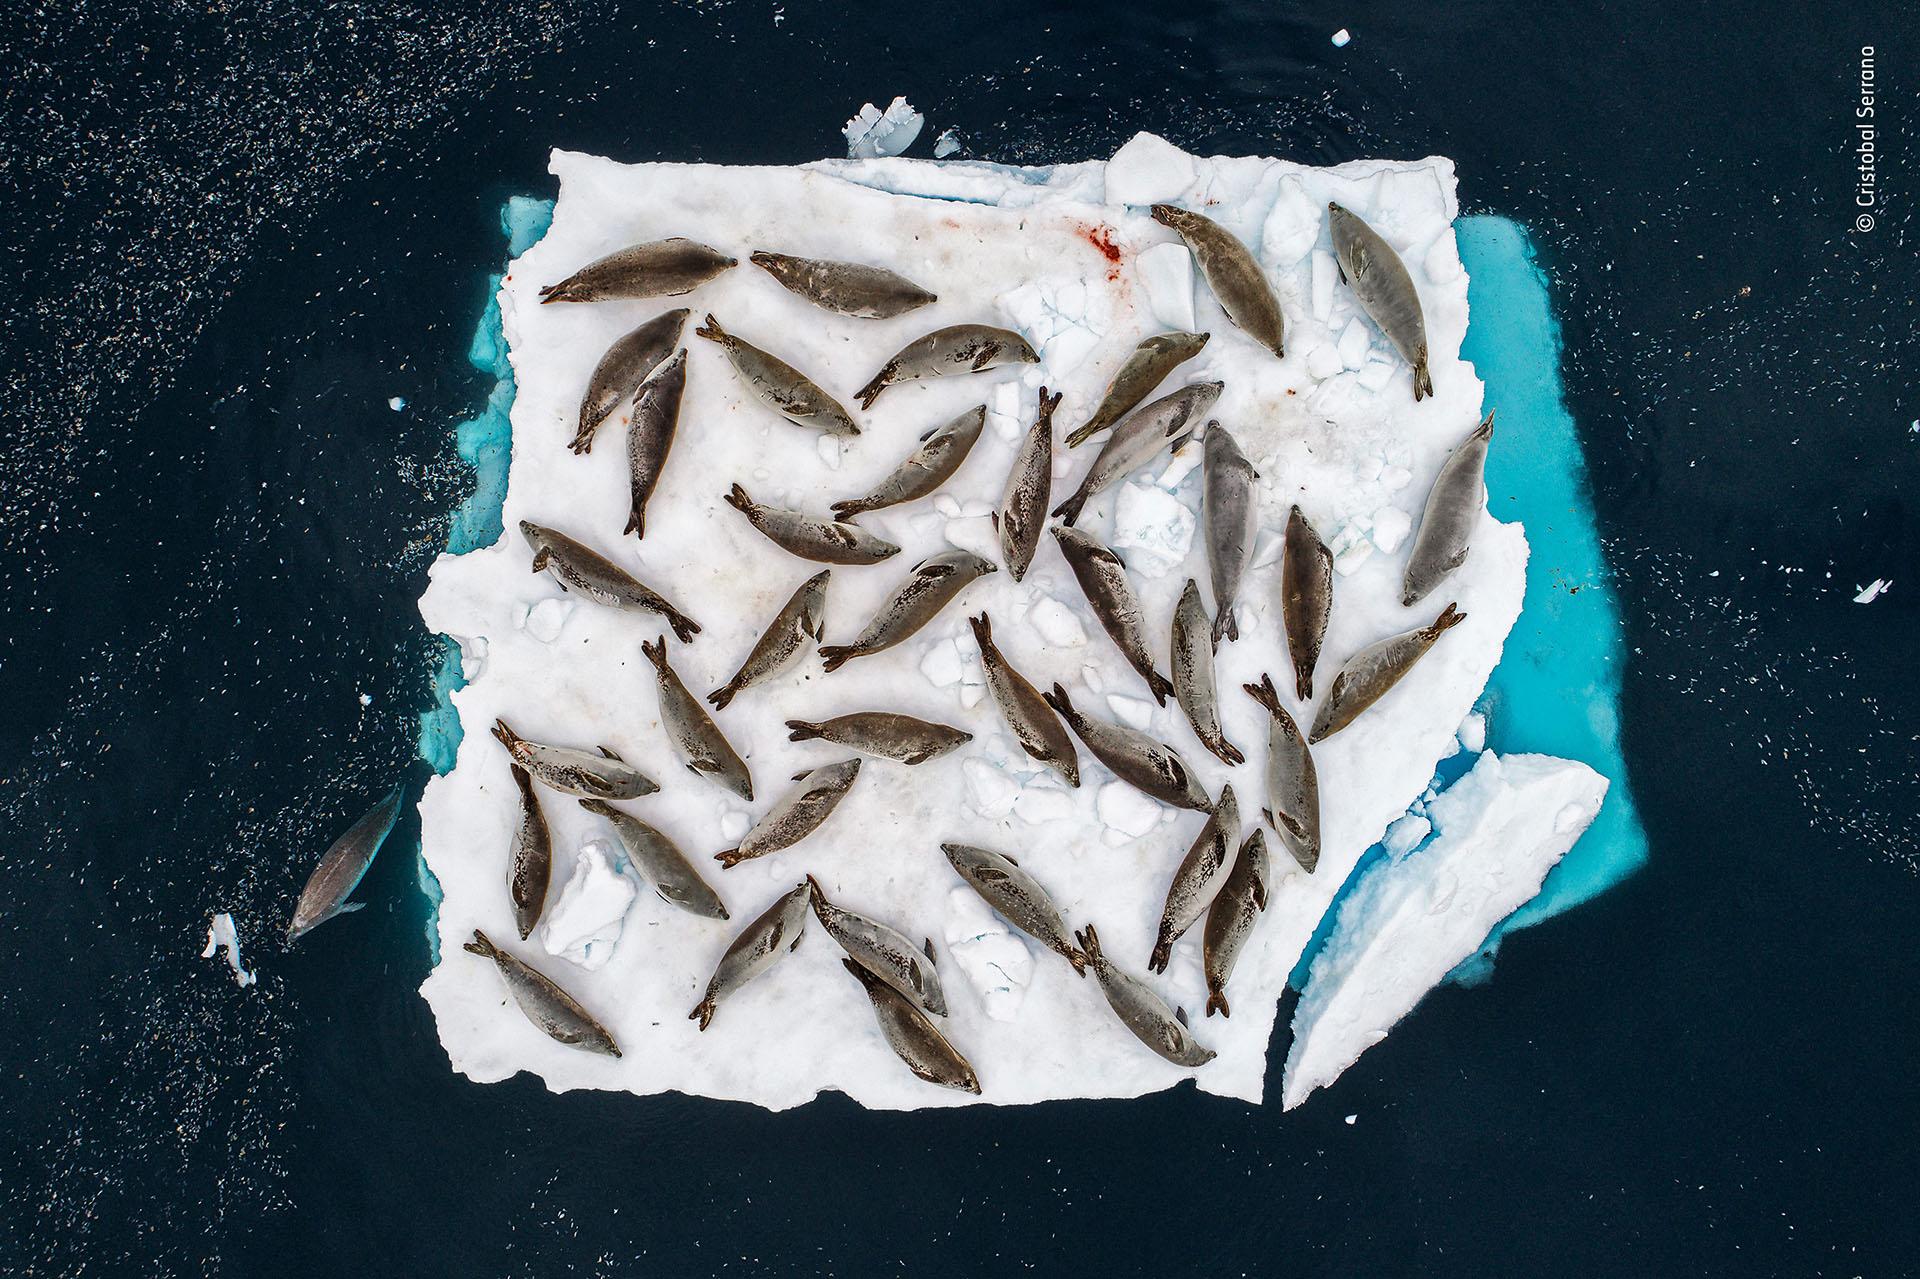 """Cristobal Serrano (España), categoría Animales en su entorno. """"Cama de focas"""", tomada desde un pequeño drone en la península antártica"""